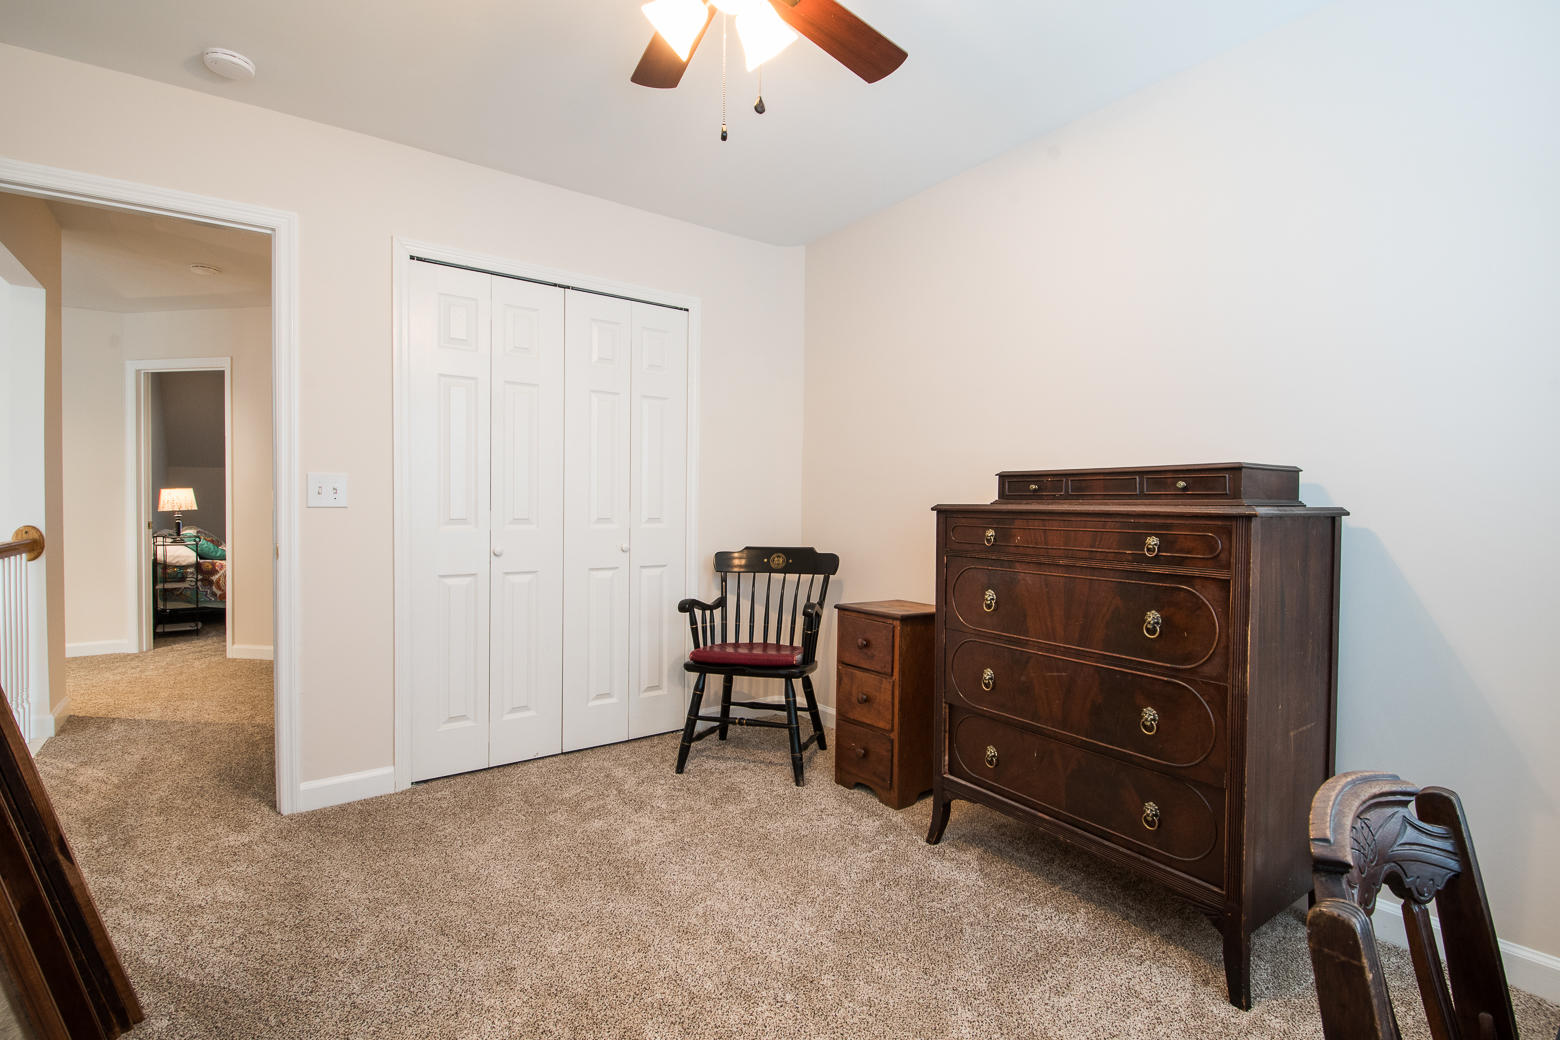 Dunes West Homes For Sale - 1111 Black Rush, Mount Pleasant, SC - 69